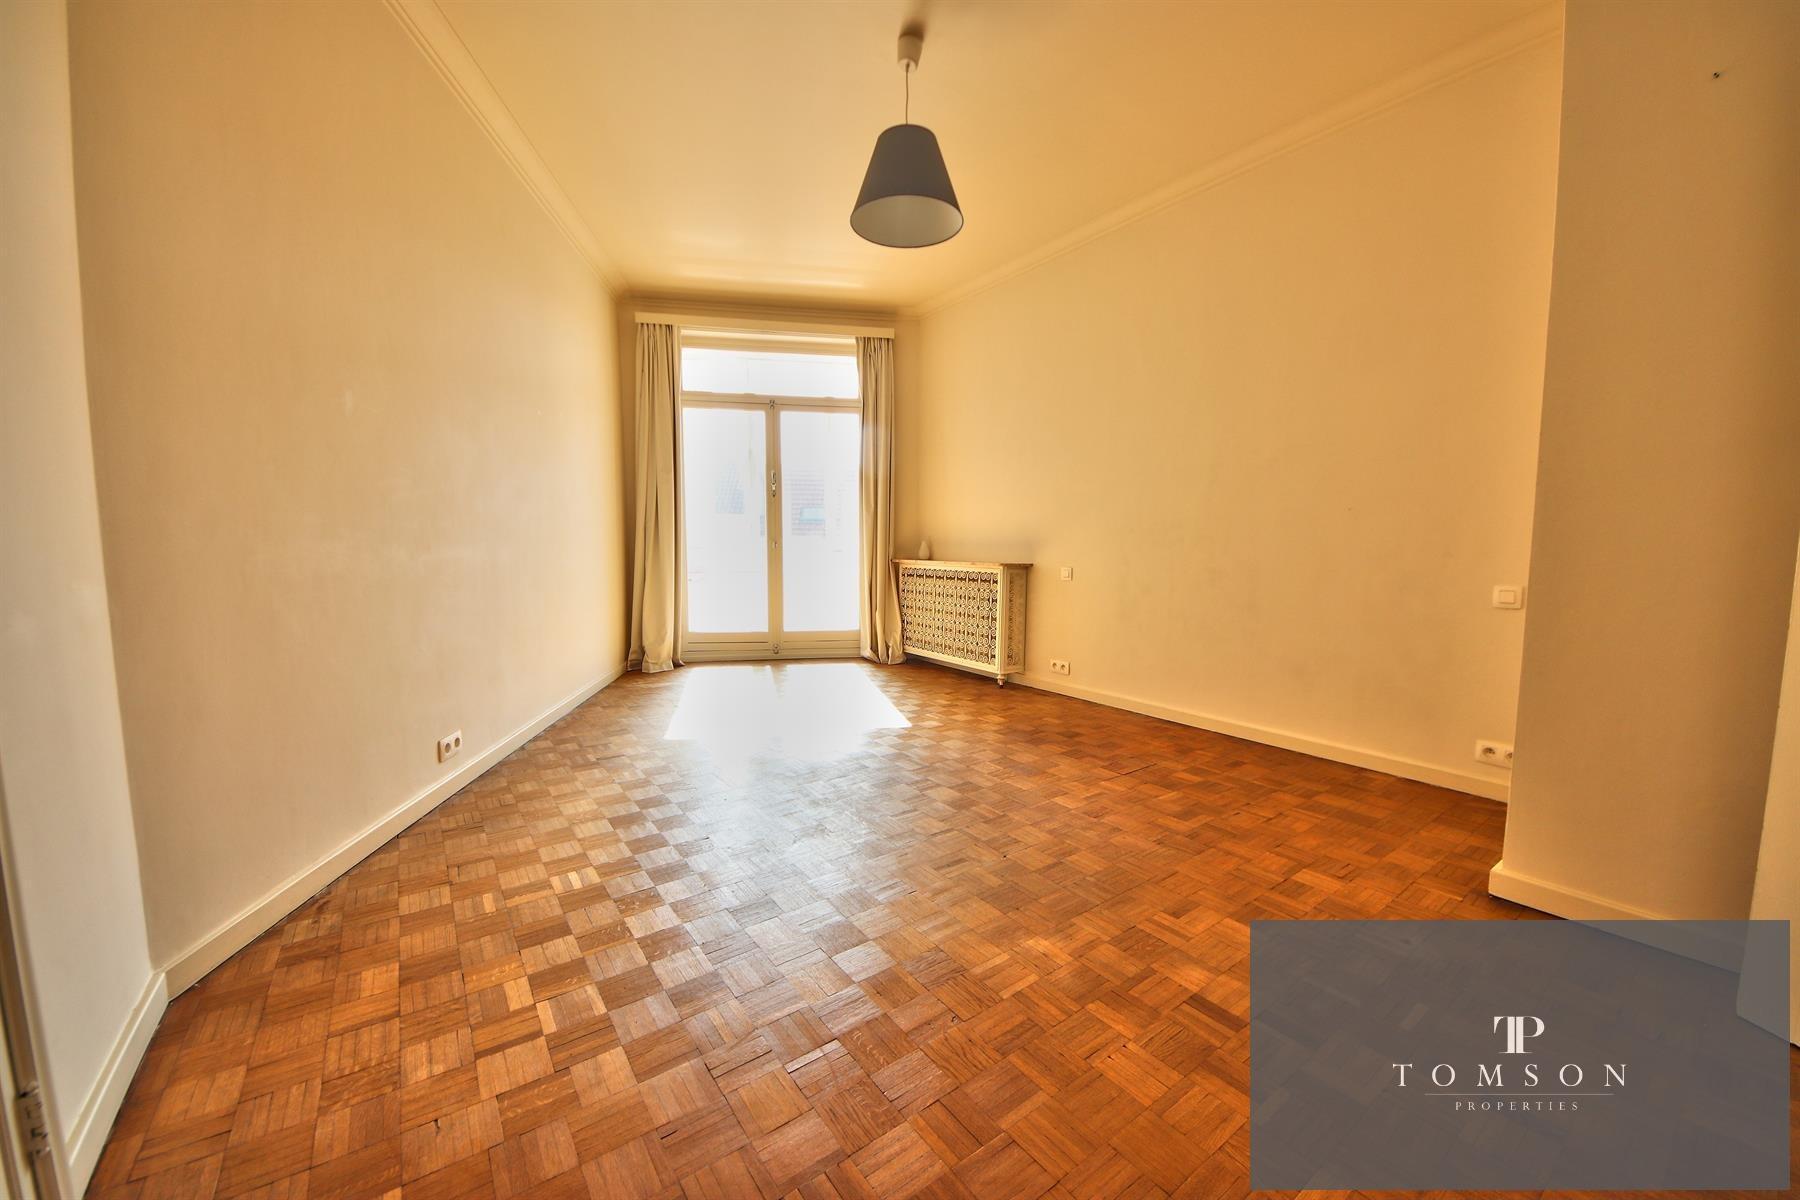 Appartement - Woluwe-Saint-Pierre - #4322664-6